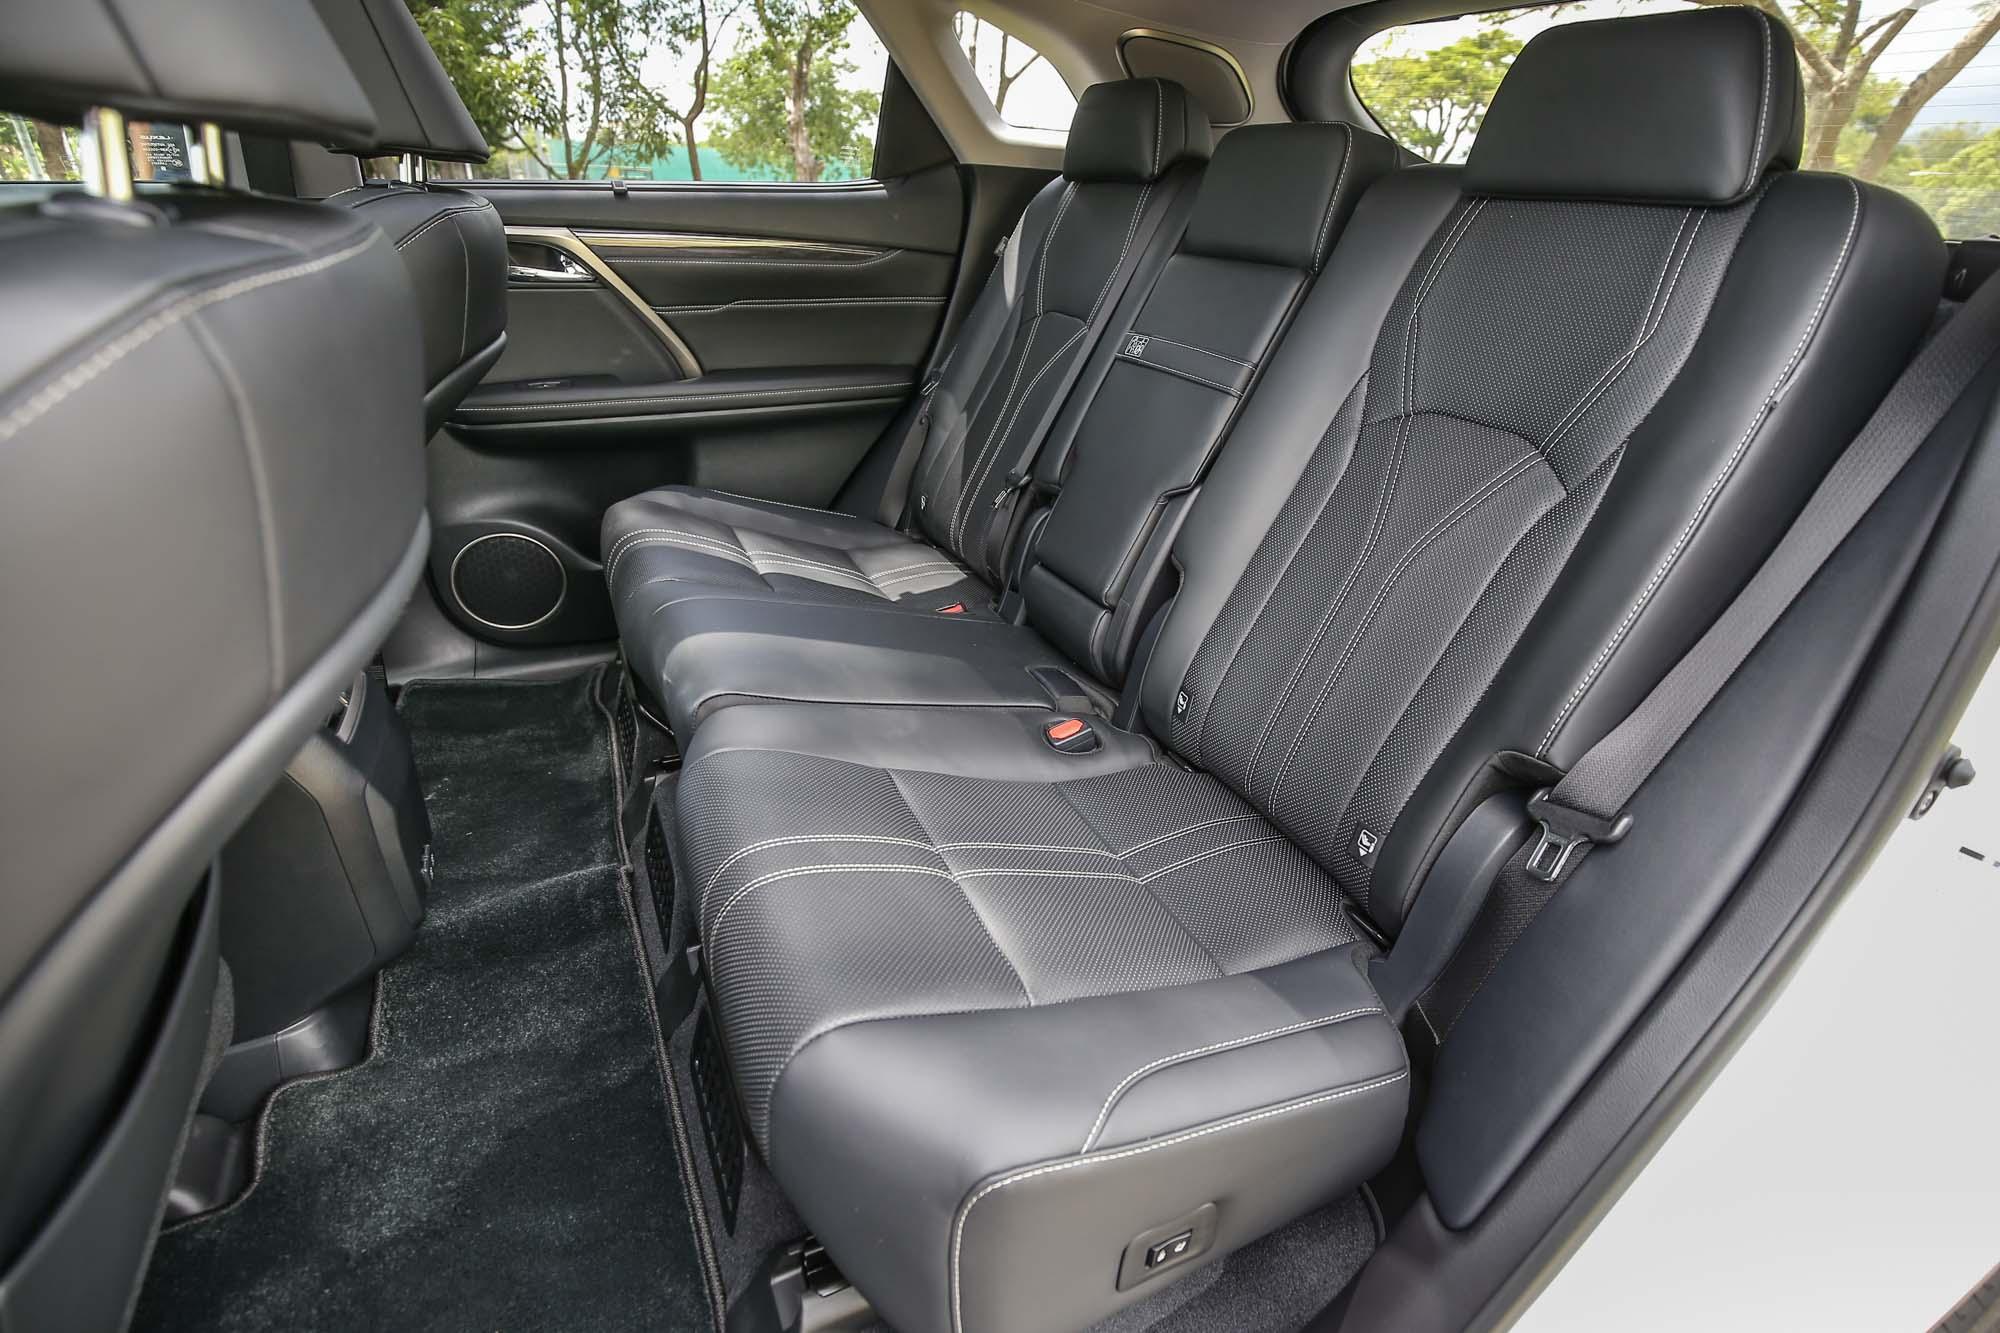 由於電池安置位置,讓後排座椅座著點較高,乘坐時頭部空間容易有壓迫感。